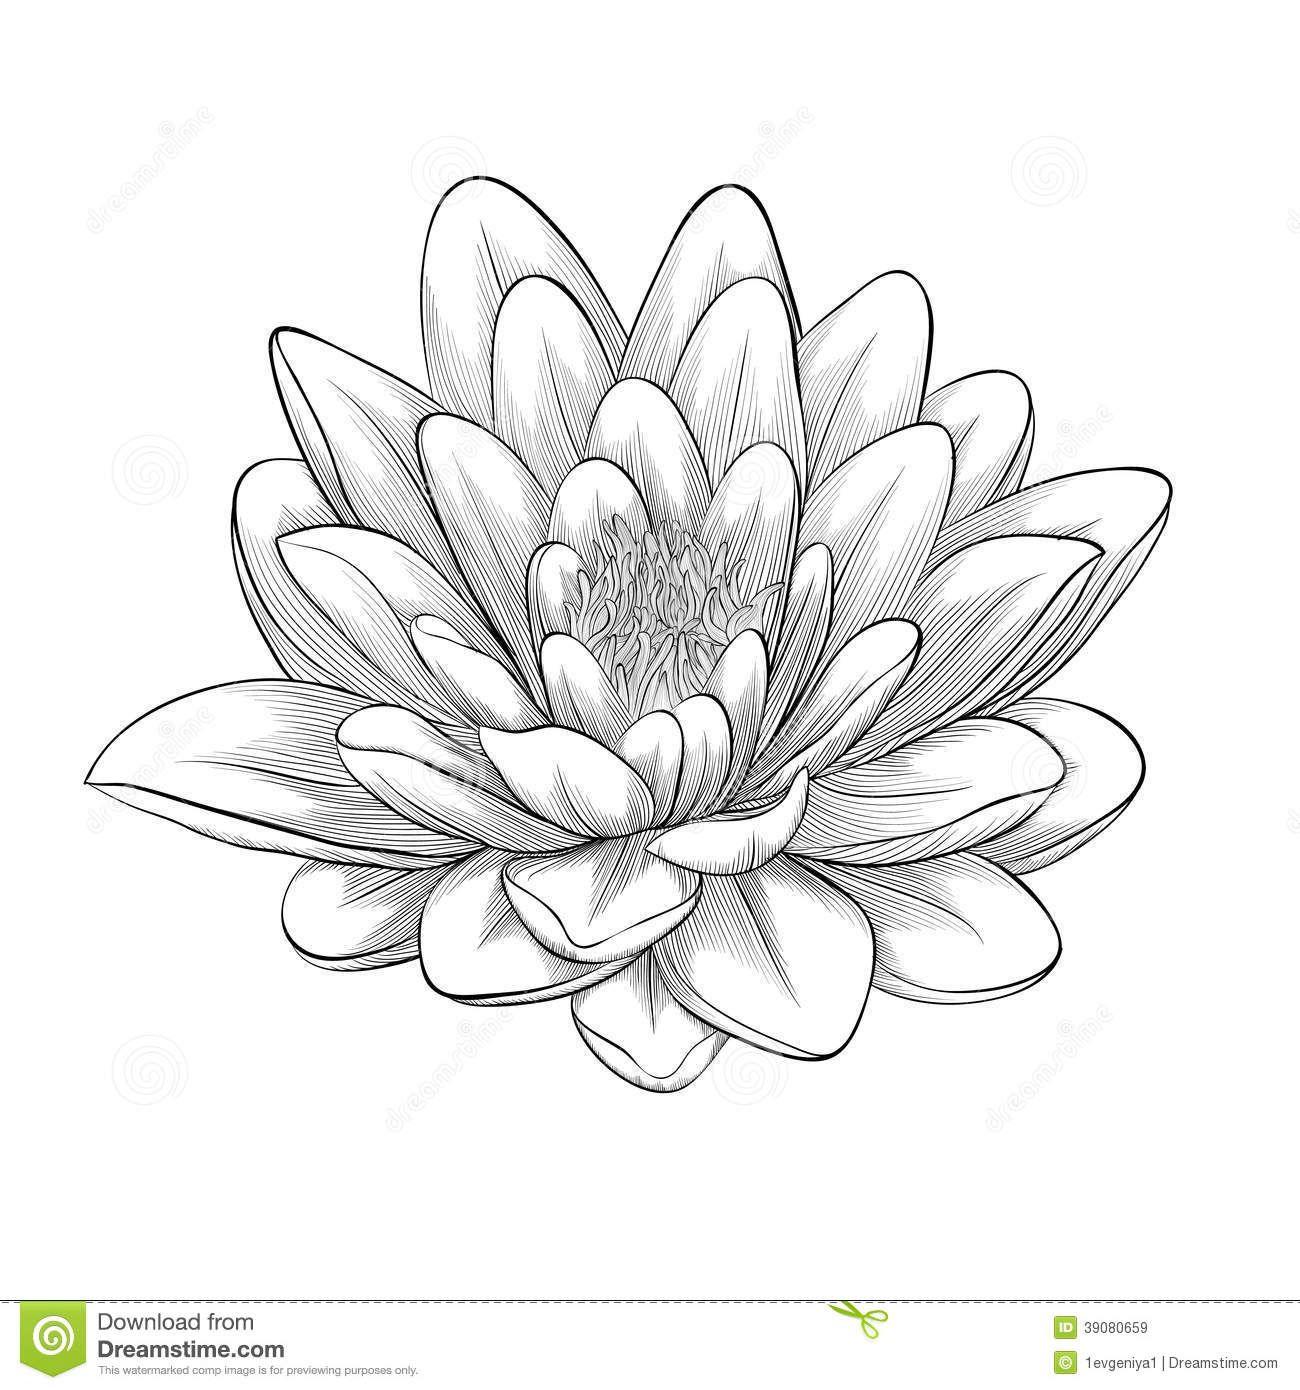 Worksheet. flor de loto dibujo blanco y negro  Buscar con Google  tatto